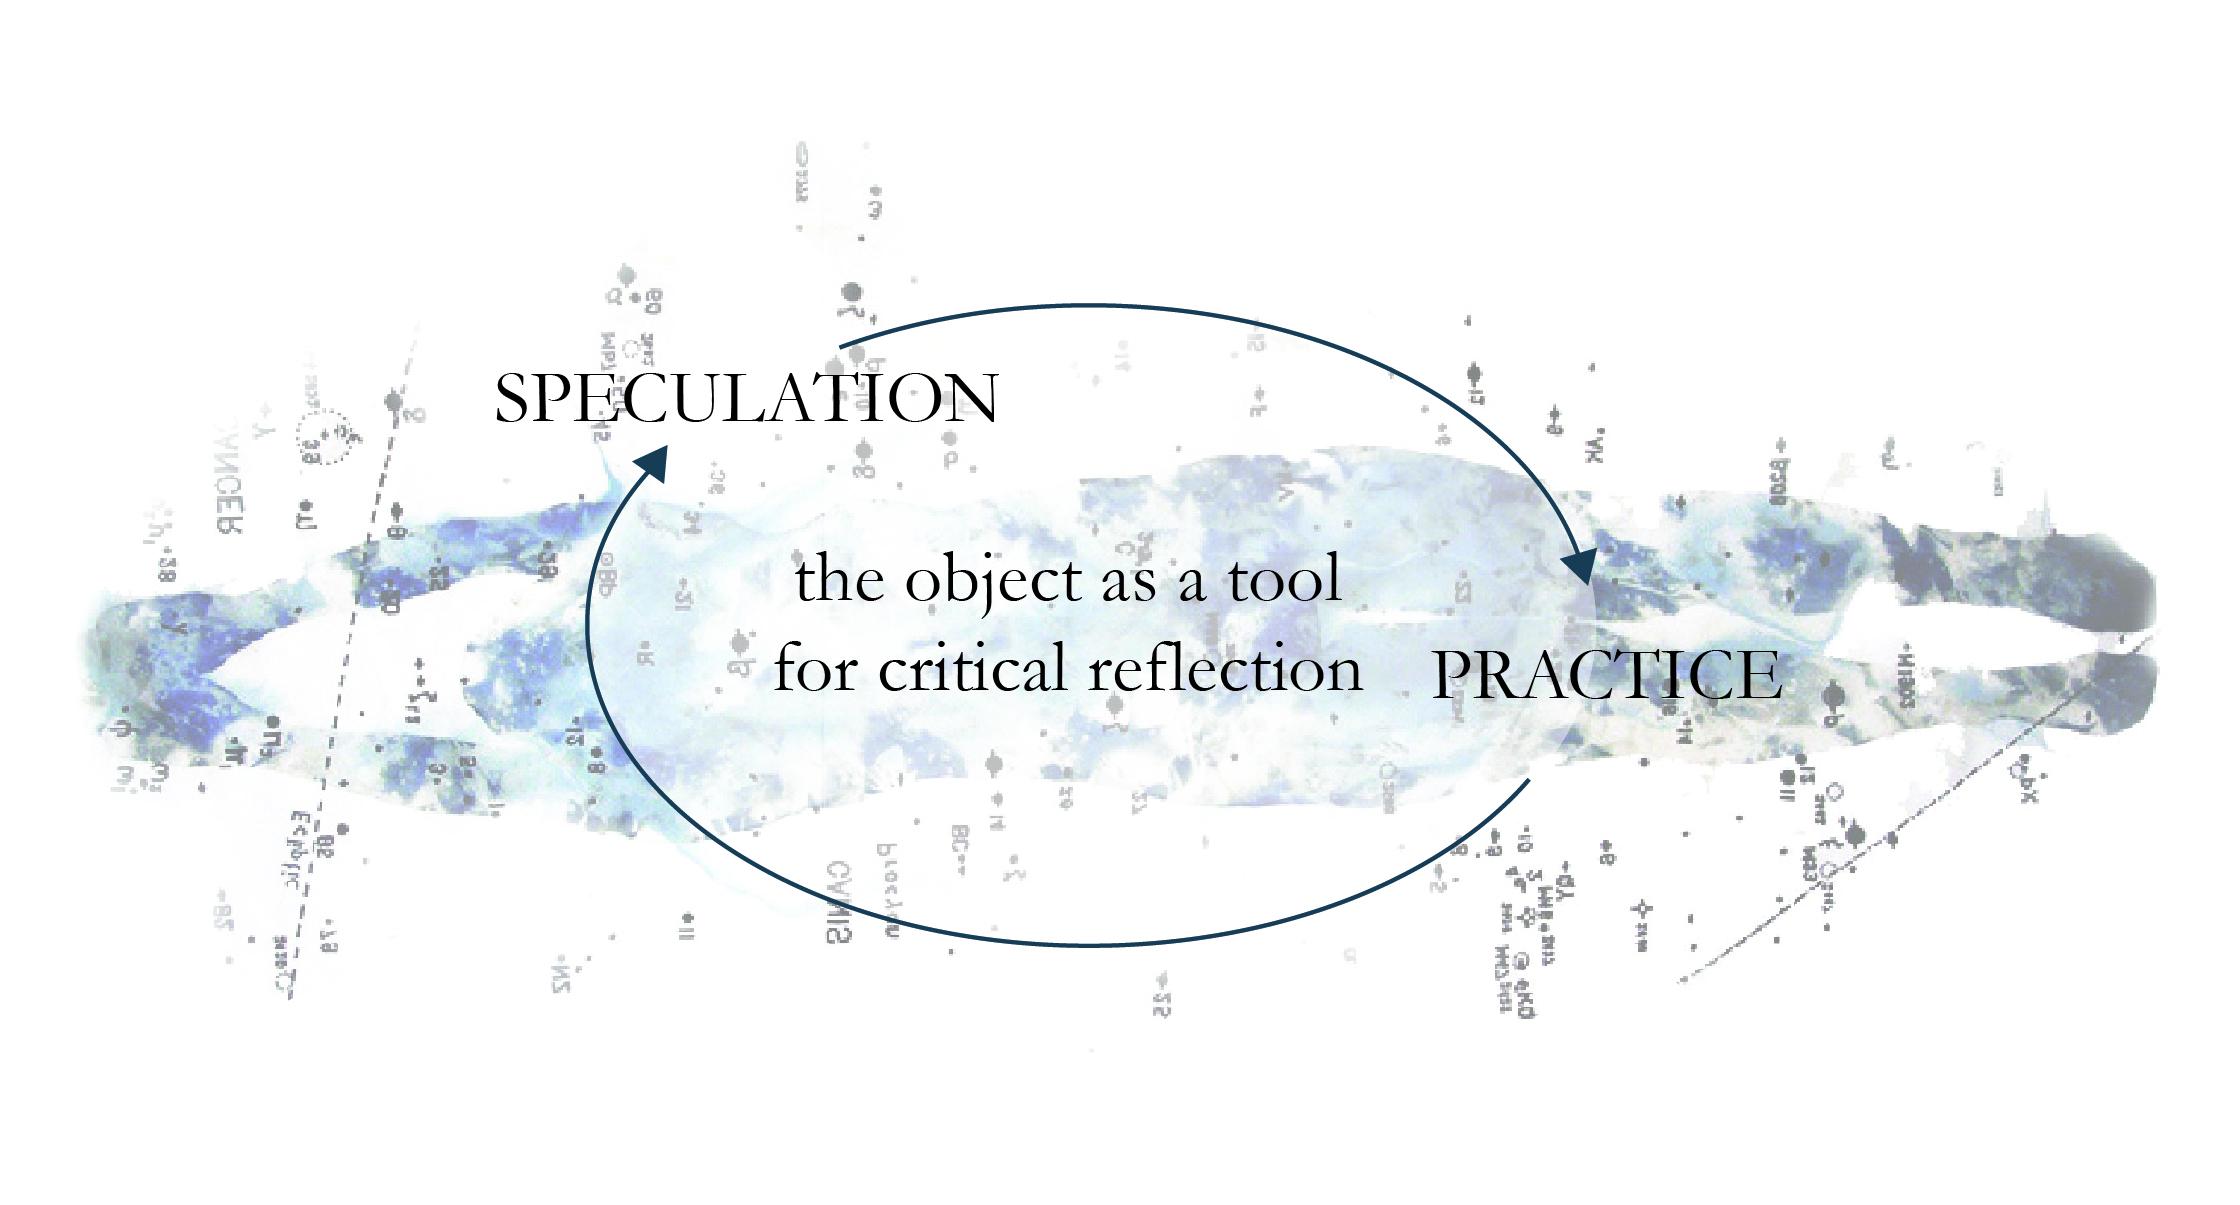 News Grafico Speculazione Pratica_Tavola disegno 1 copia